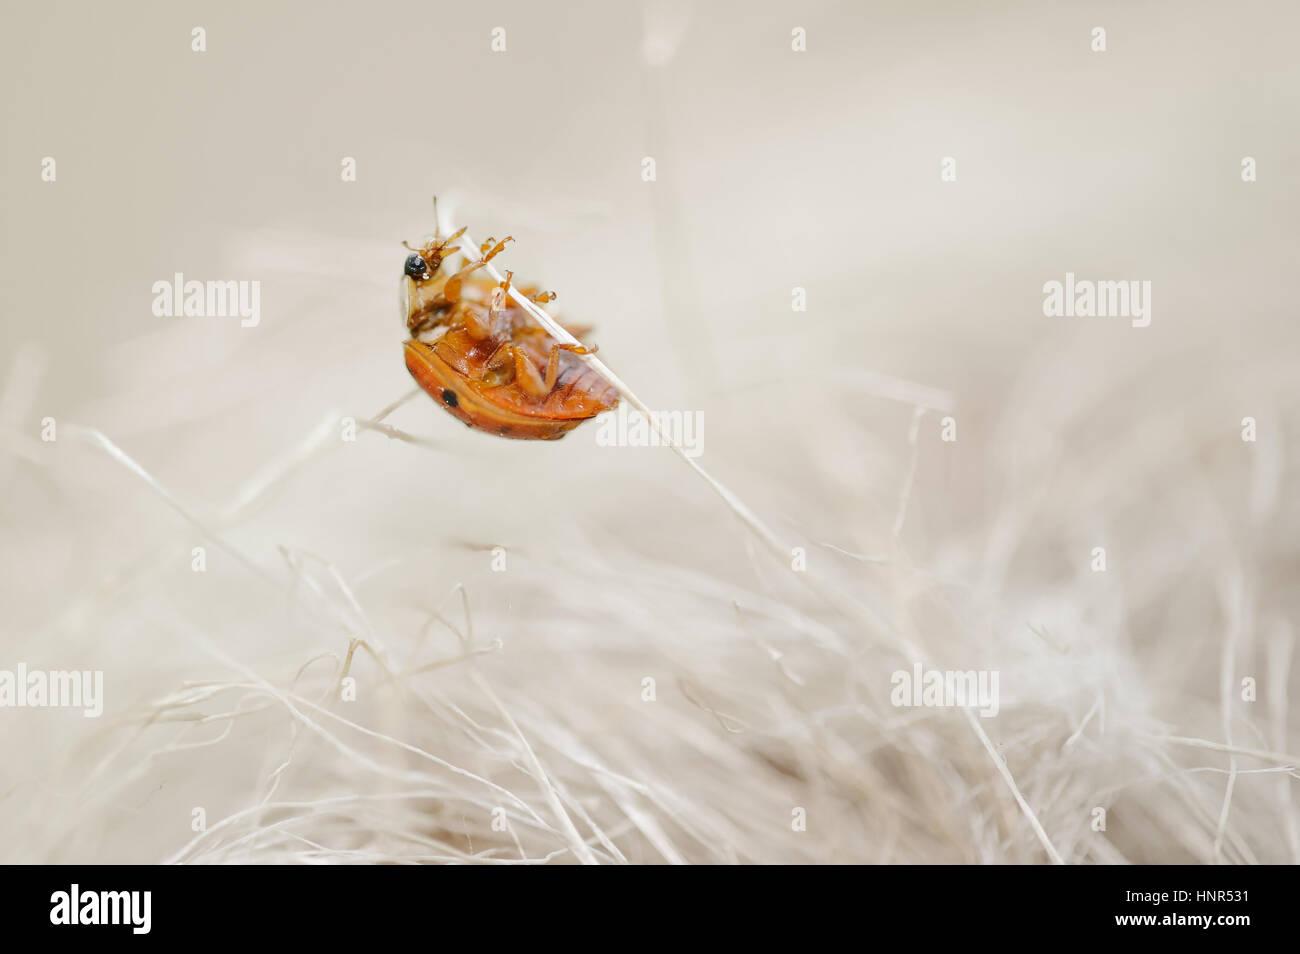 Ladybug cercando come un mostro da orrore. Scary bug arrampicata su stocchi di beige. Immagini Stock